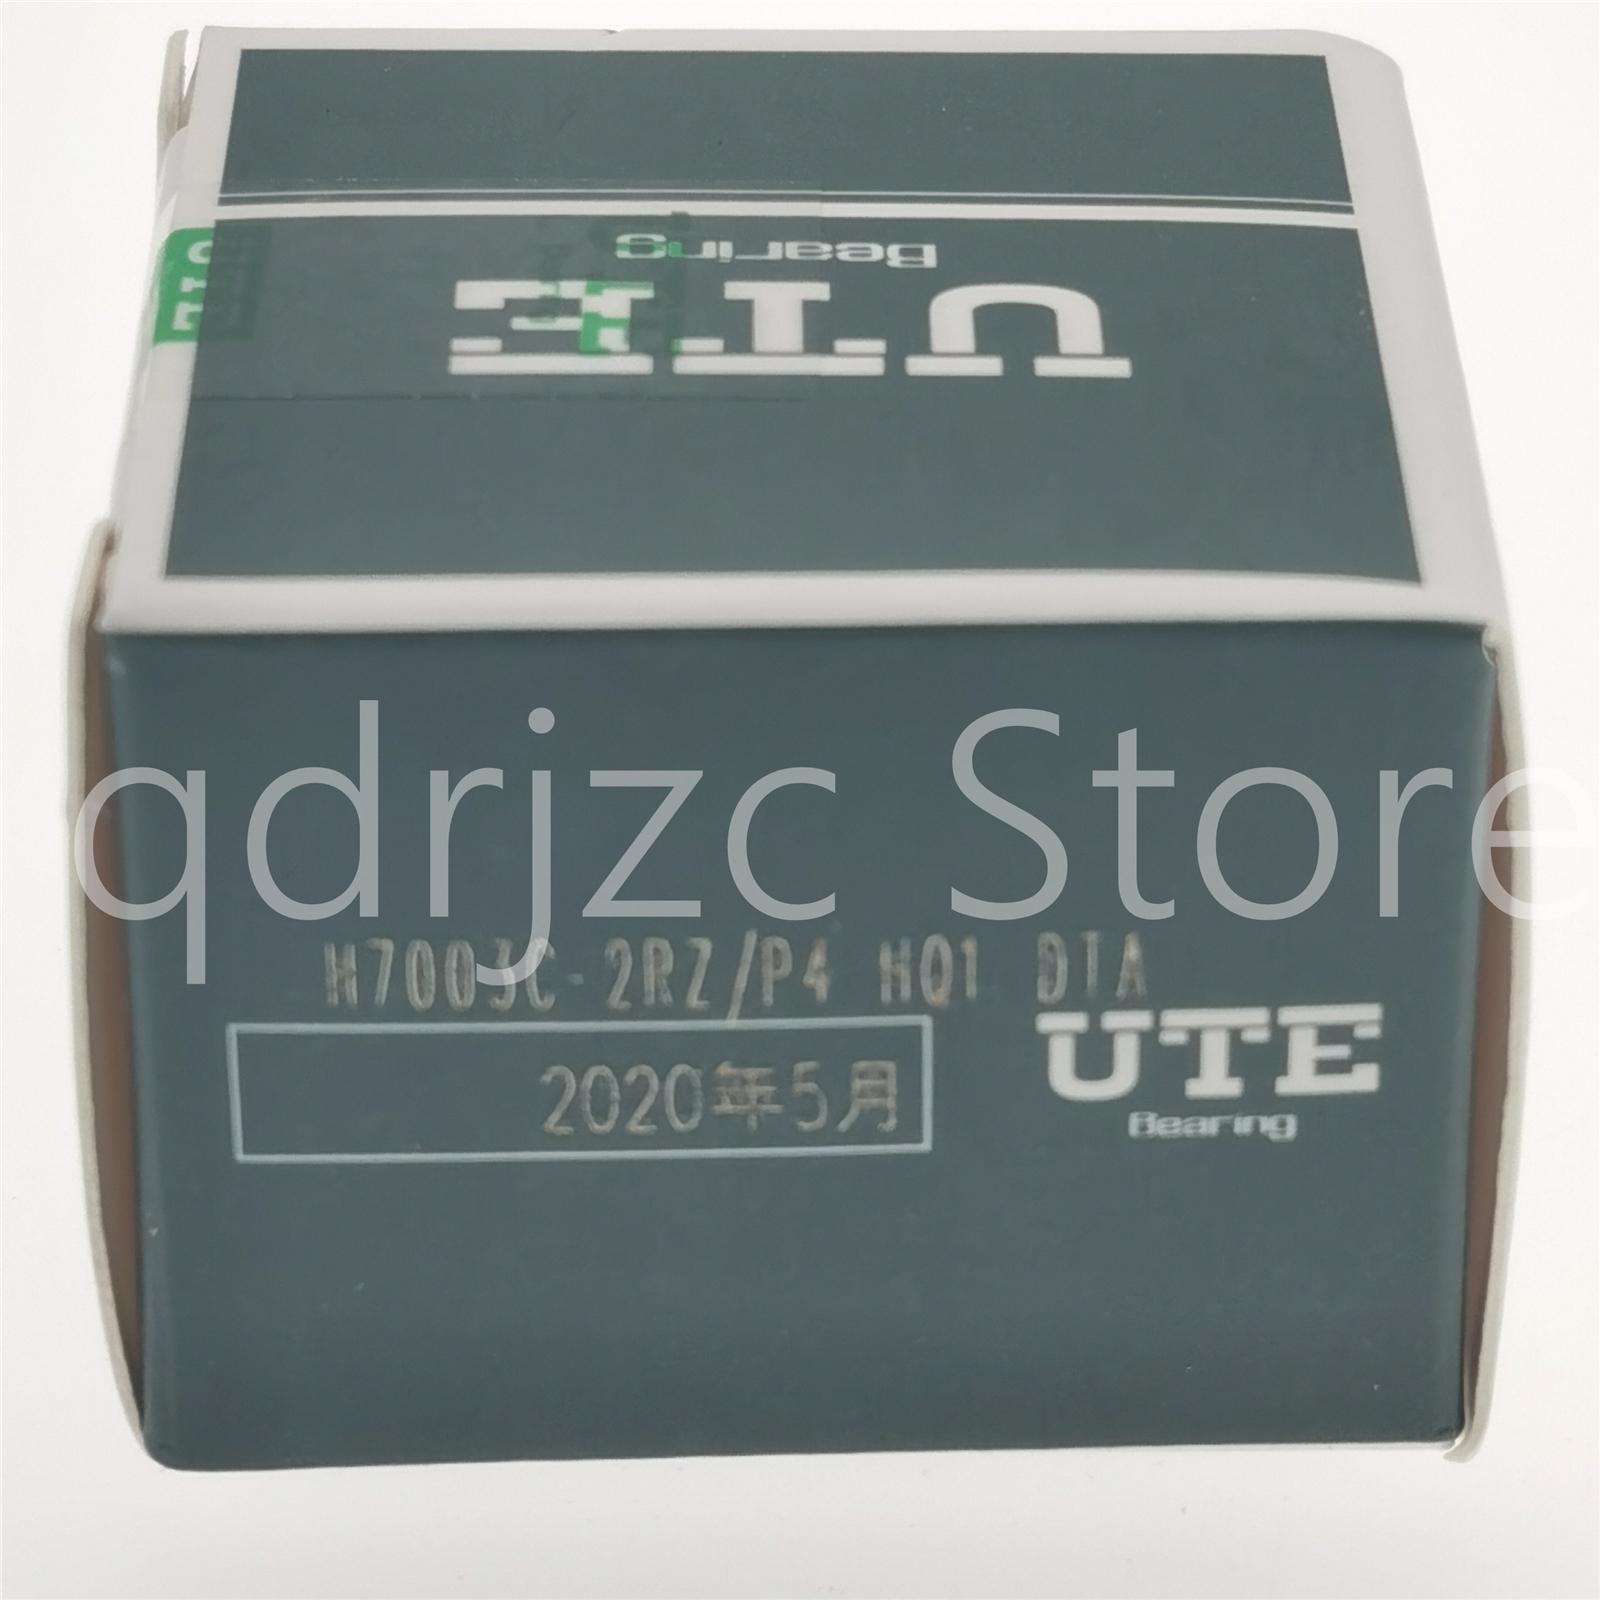 UTE billes à contact oblique palier étanche de la broche à billes en céramique H7003C-2RZ-P4-HQ1-DTA = 2X HCS7003-C-T-P4S-UL = S7003CE / HCP4ADTA